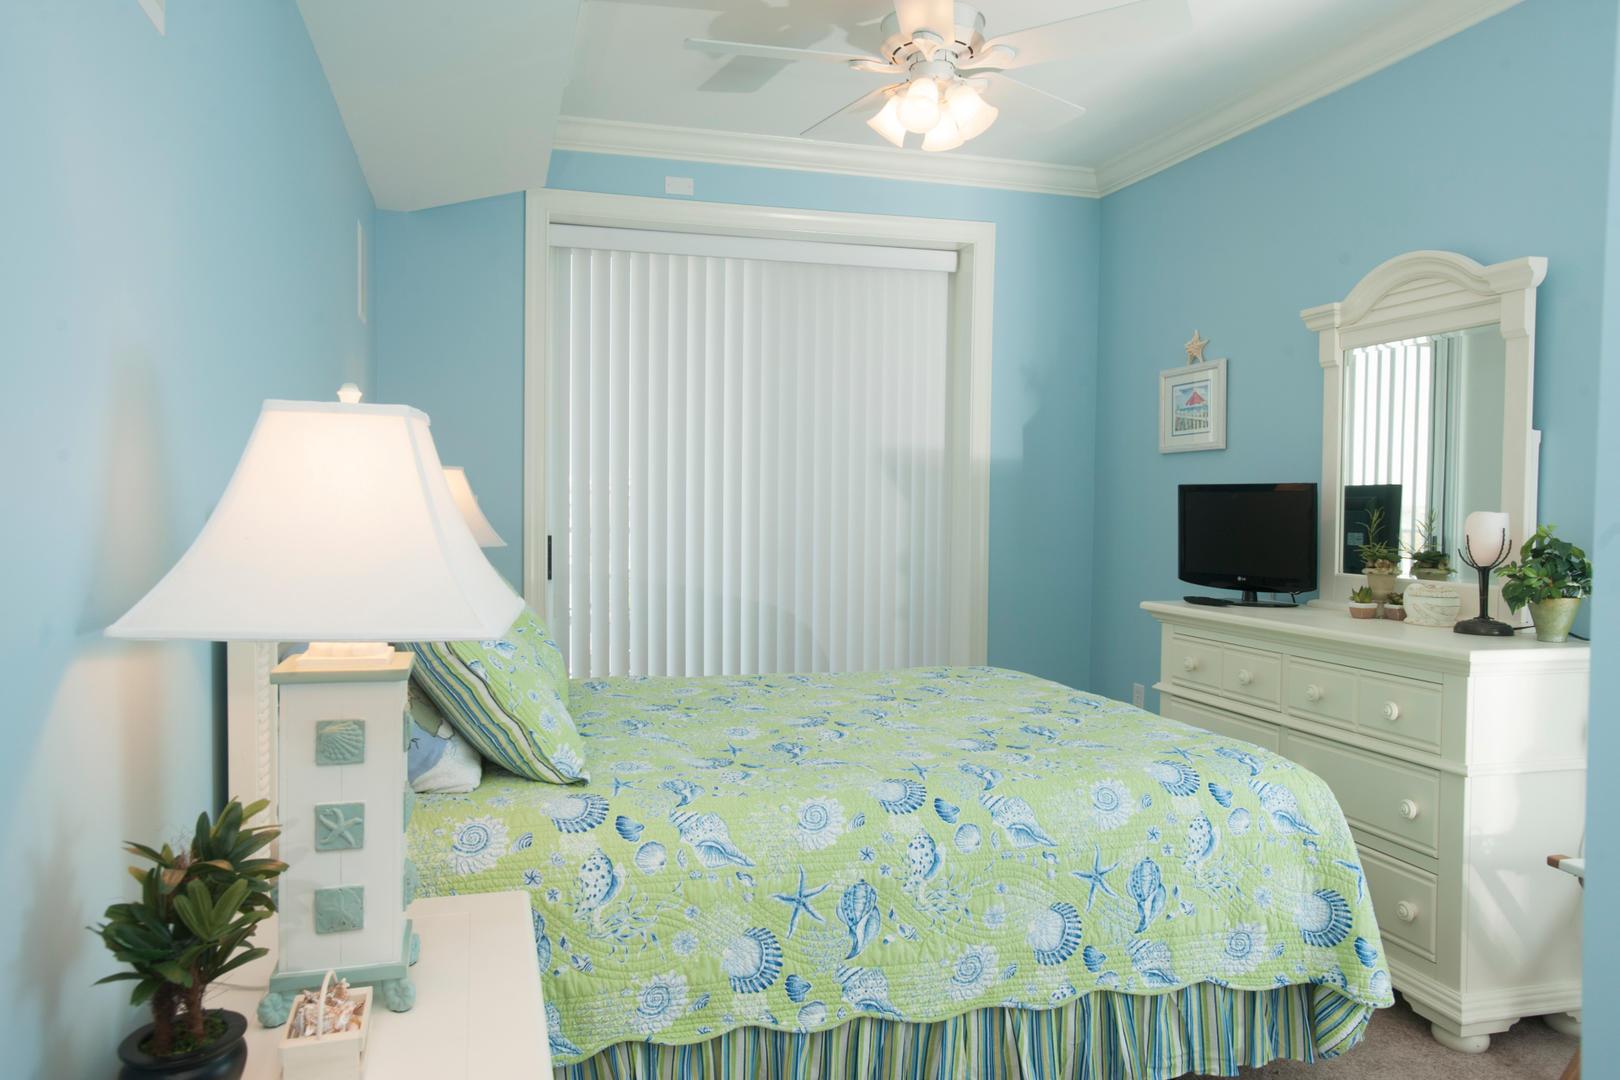 Belmont Towers 411 - Bedroom 2